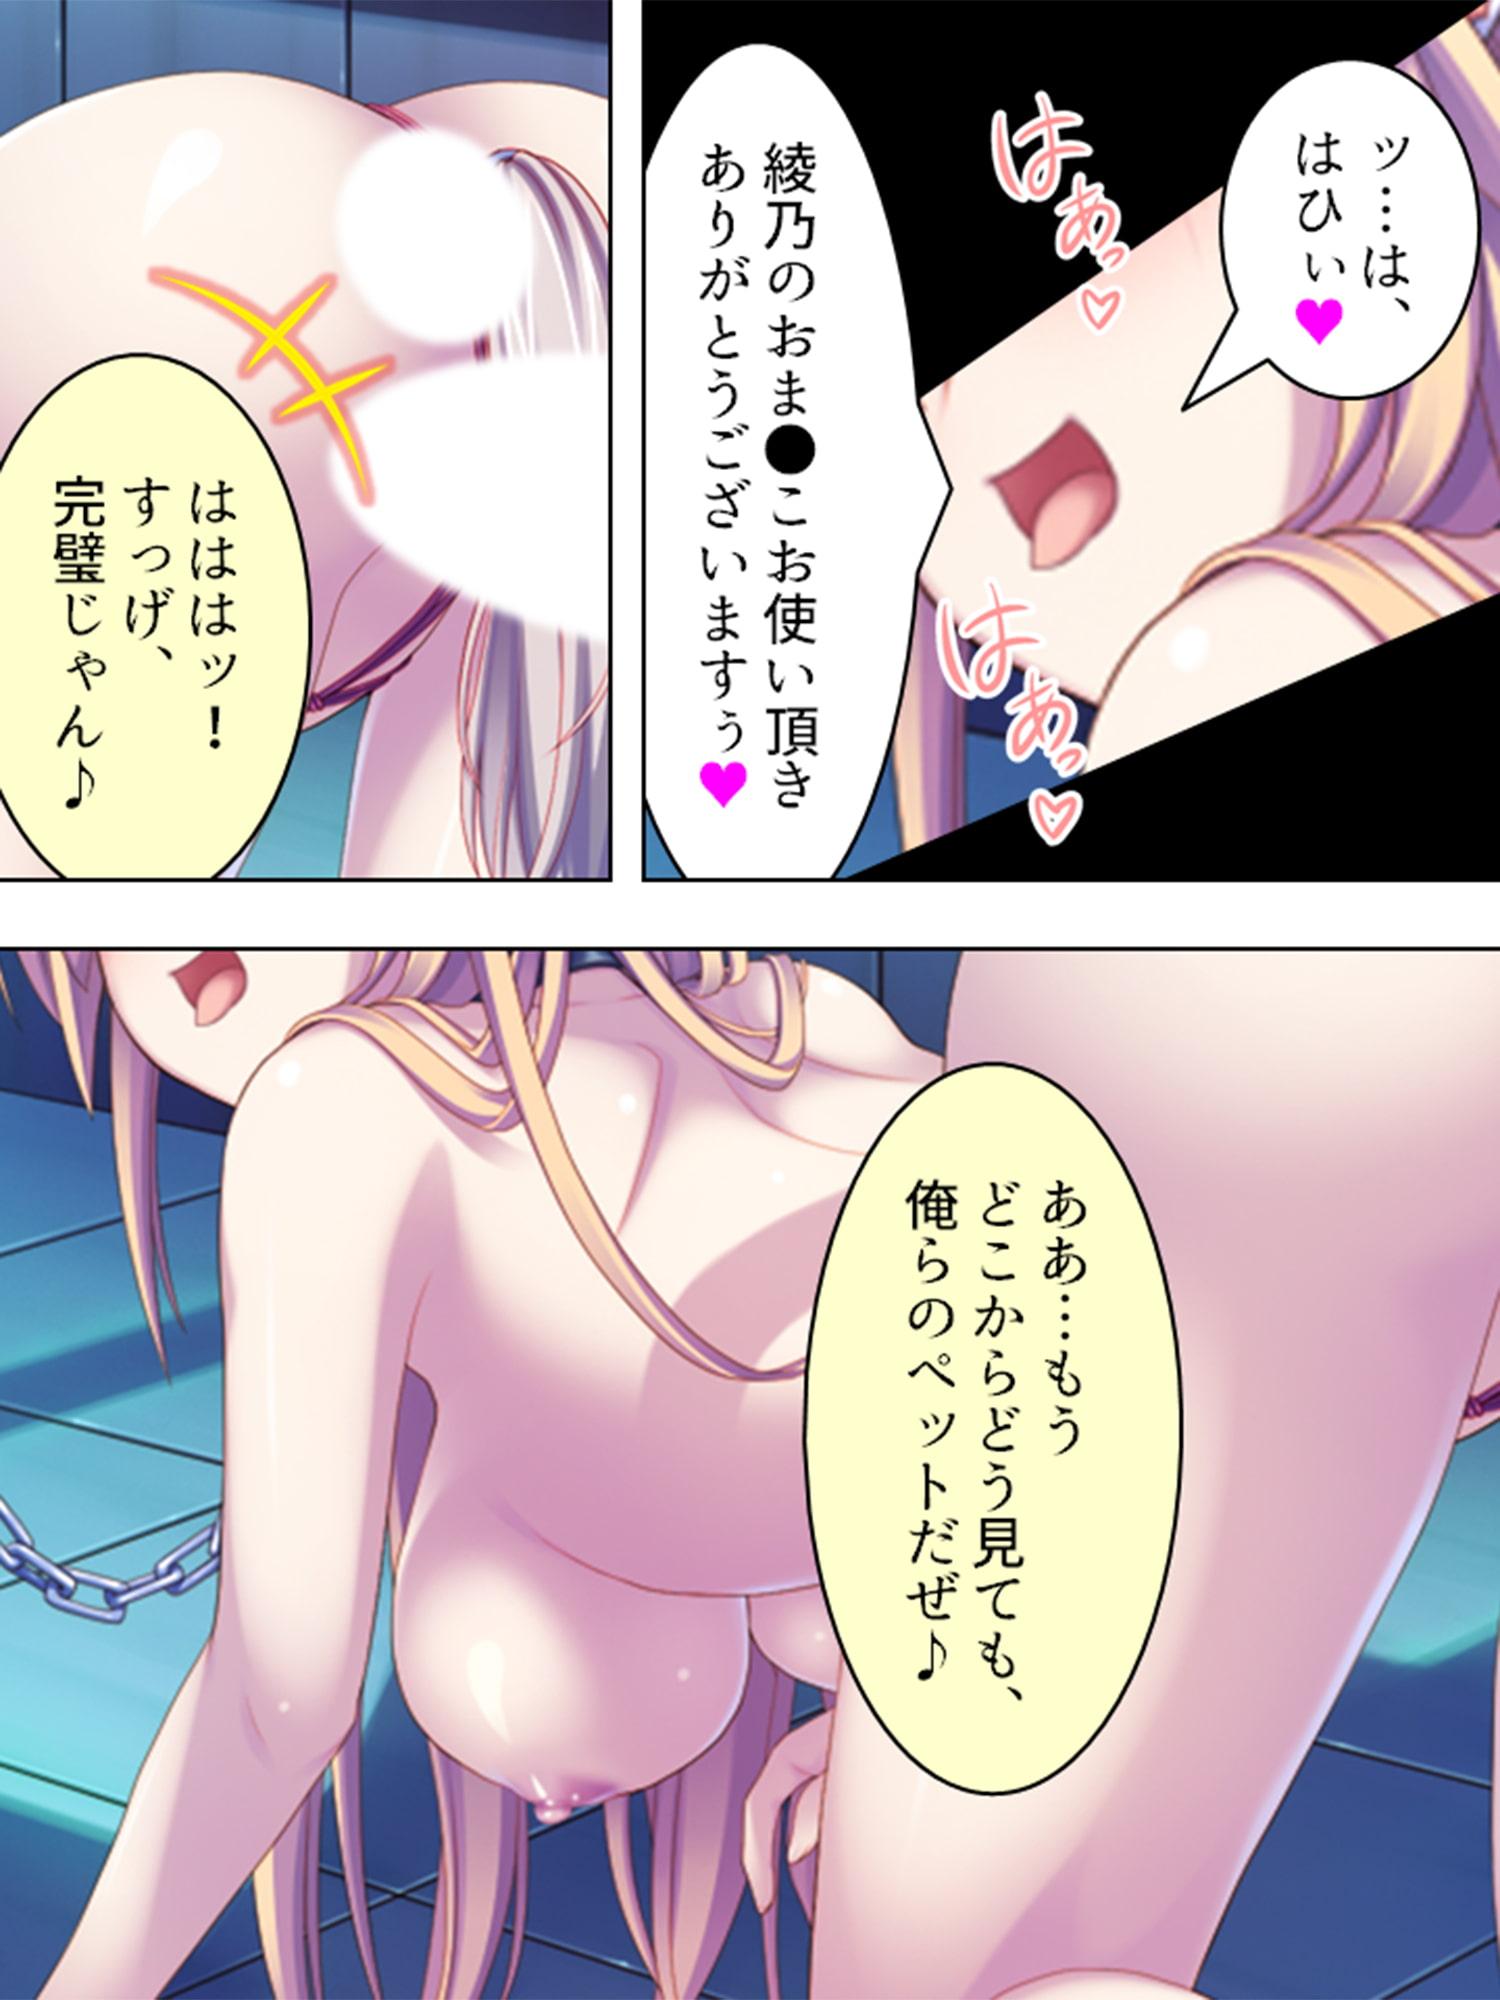 学校の男子トイレに…サセ子さん、現る! 下のサンプル画像